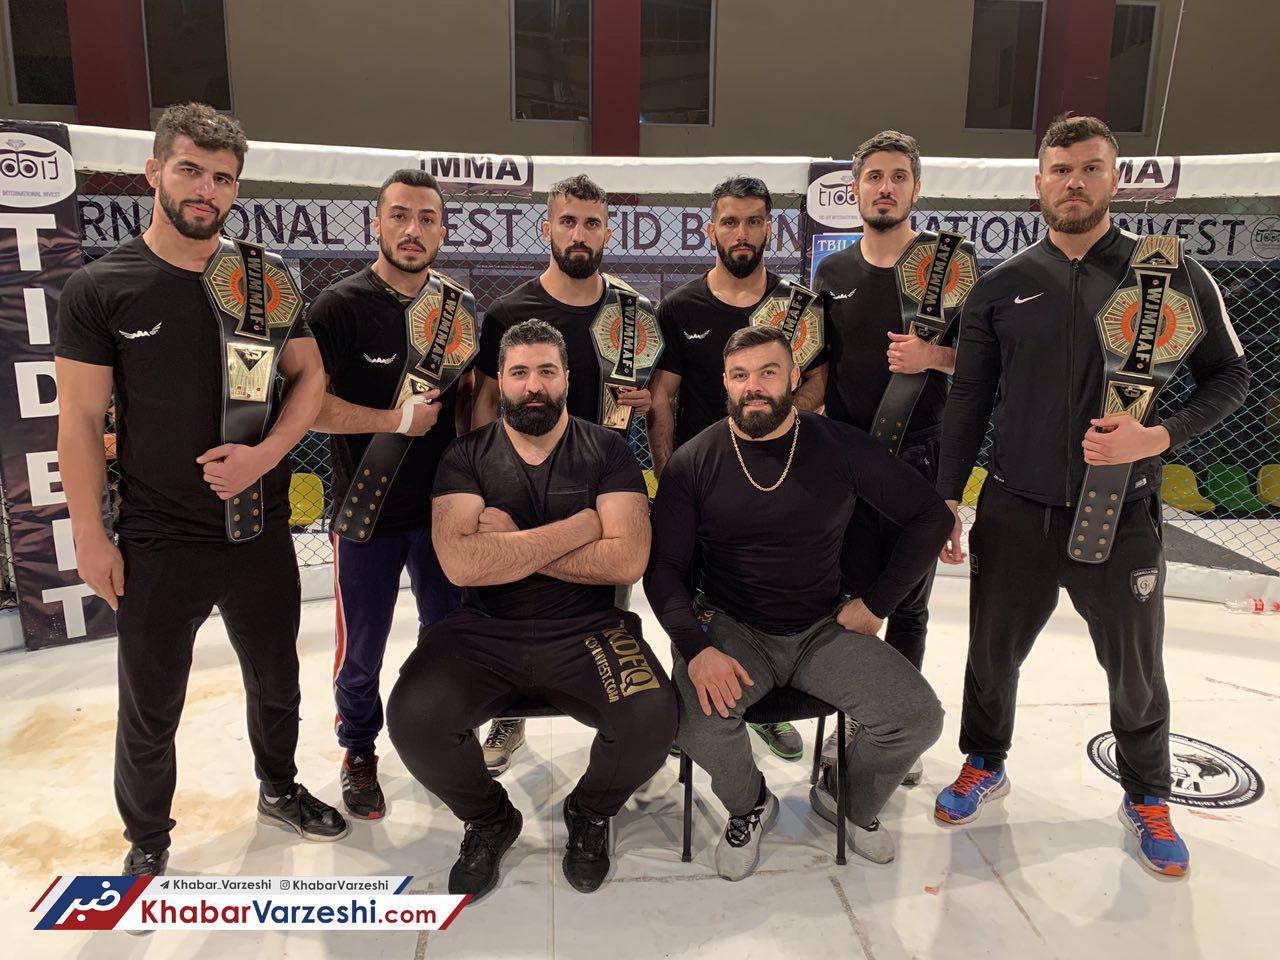 پیروزی منتخب MMA درتورنمنت گرجستان